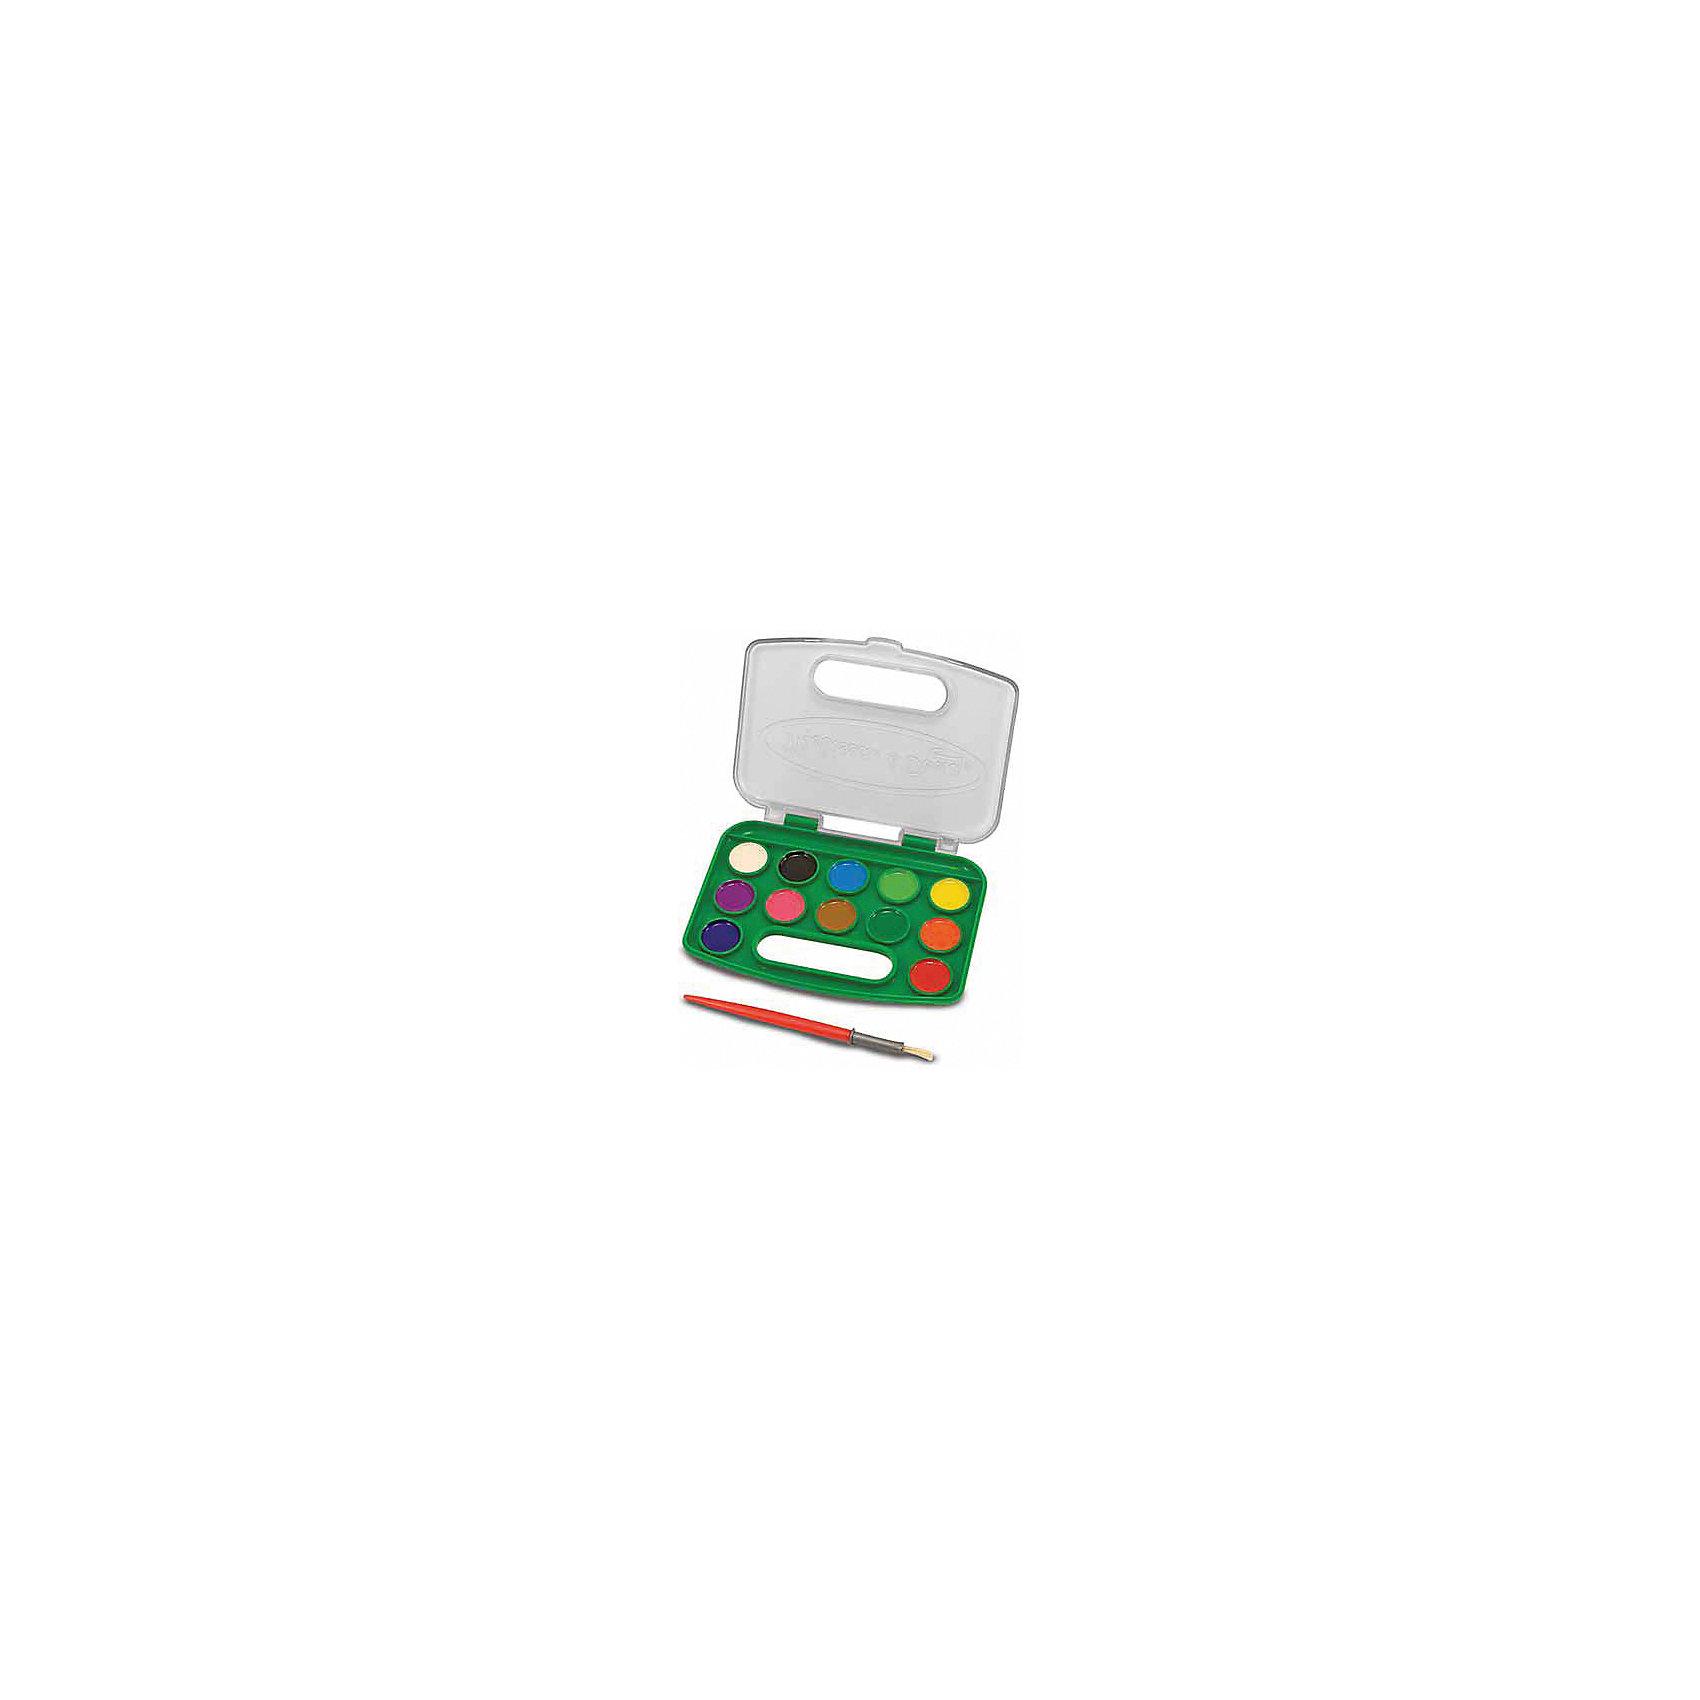 Набор акварельных красок, 12 цветовНабор позволит ребенку полностью проявить свою фантазию и нарисовать множество рисунков разноцветными красками из комплекта.<br><br>Дополнительная информация:<br><br>- Возраст: от 3 лет.<br>- В набор входит: кисточка и краски 12 цветов.<br>- Материал: пластик.<br>- Размер упаковки: 15х1х12 см.<br><br>Купить набор акварельных красок можно в нашем магазине.<br><br>Ширина мм: 150<br>Глубина мм: 10<br>Высота мм: 120<br>Вес г: 113<br>Возраст от месяцев: 36<br>Возраст до месяцев: 120<br>Пол: Унисекс<br>Возраст: Детский<br>SKU: 4865269